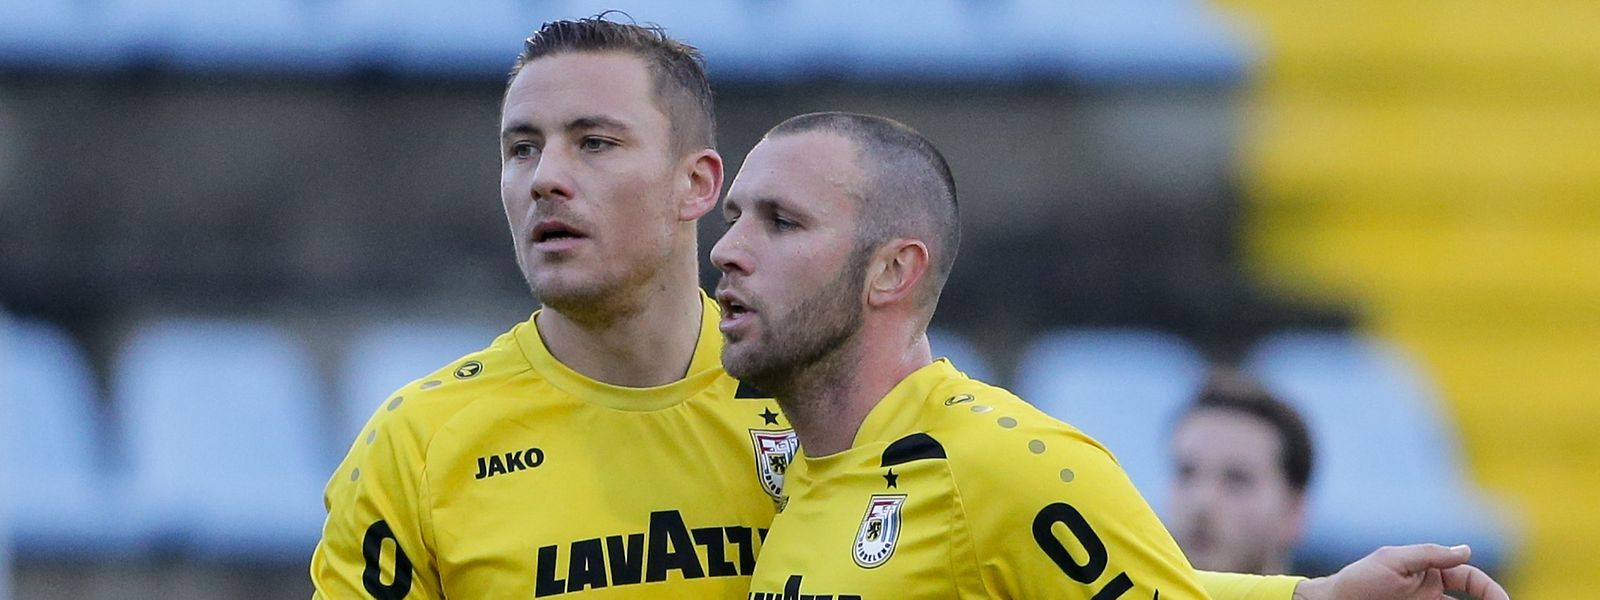 Düdelingens Tom Schnell und Marc-André Kruska (r.) haben im Viertelfinale eine schwierige Aufgabe vor der Brust.